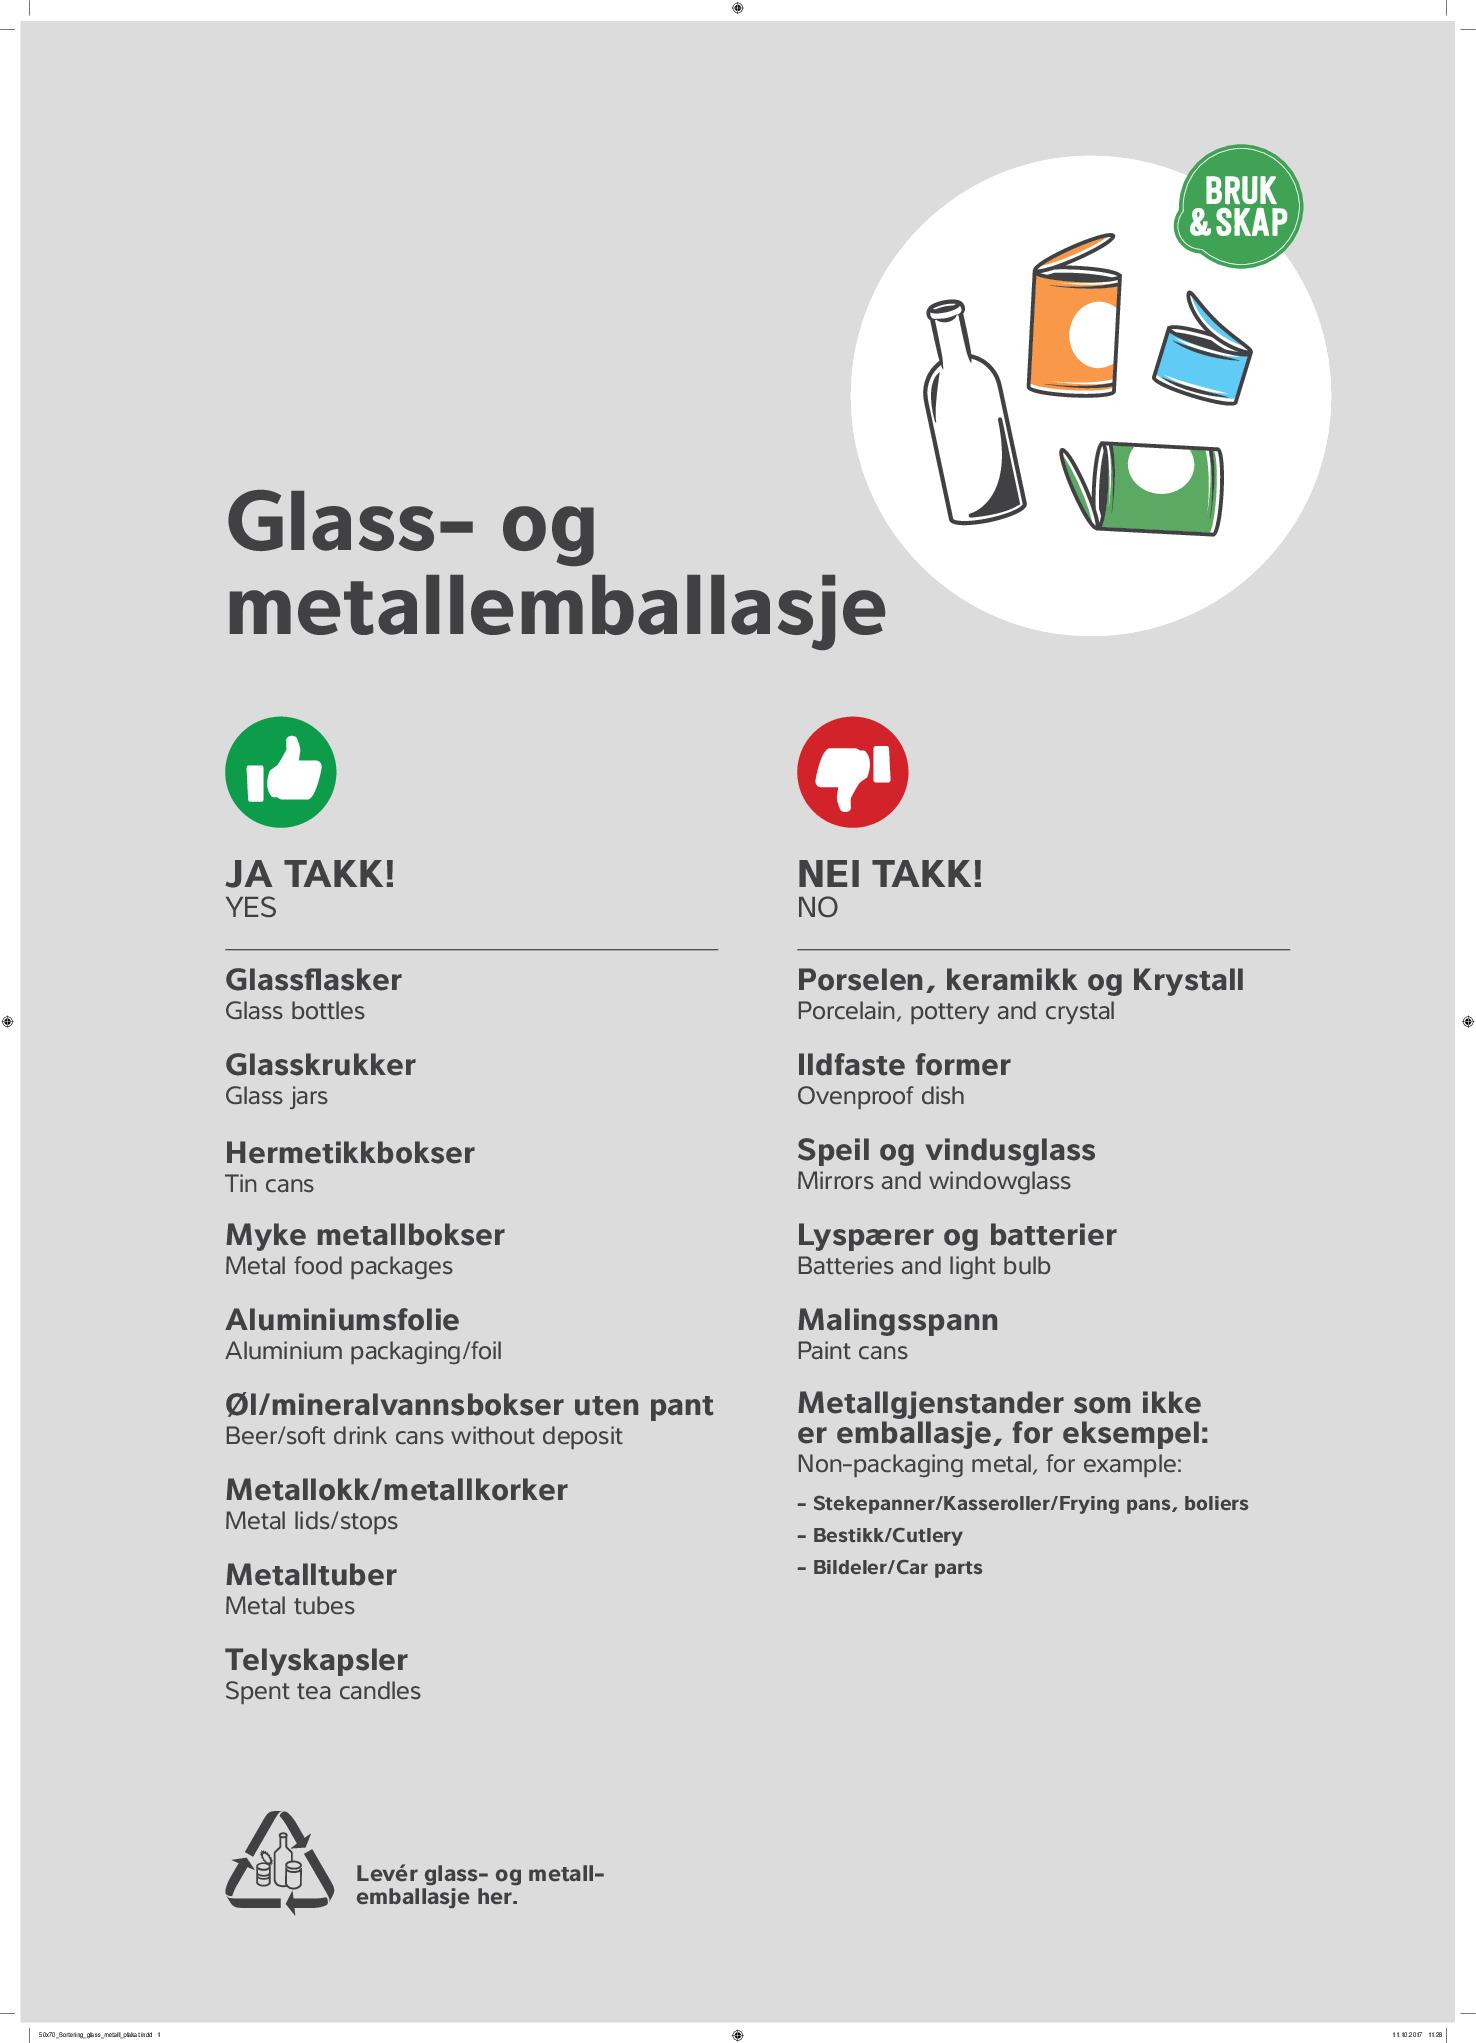 plakat som viser hva som skal leveres i glass- og metallemballasjecontainerne